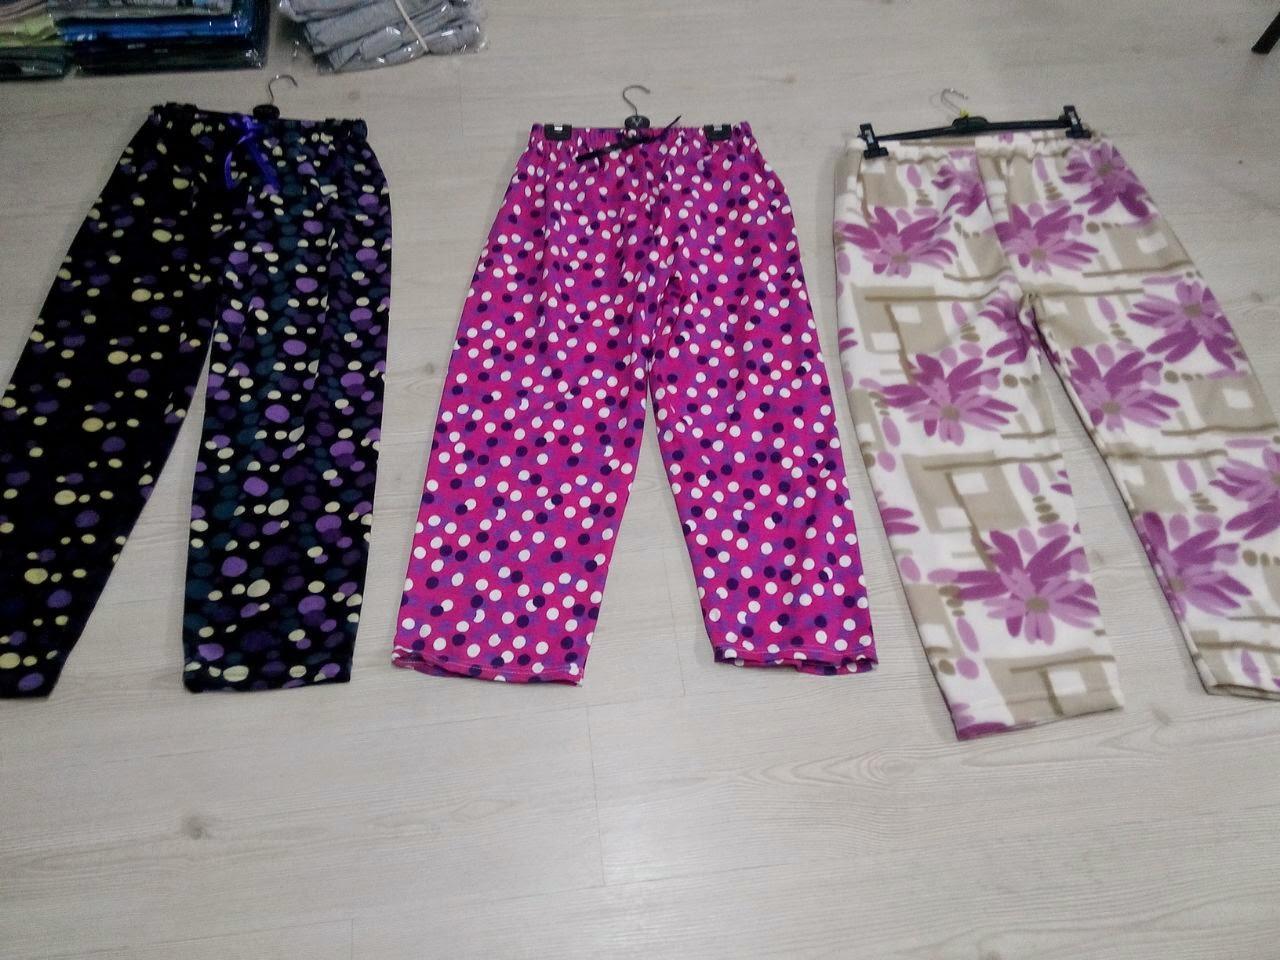 kadife polar pijama ve alt giyim ürünleri imalatı en uygun fiyata üretim